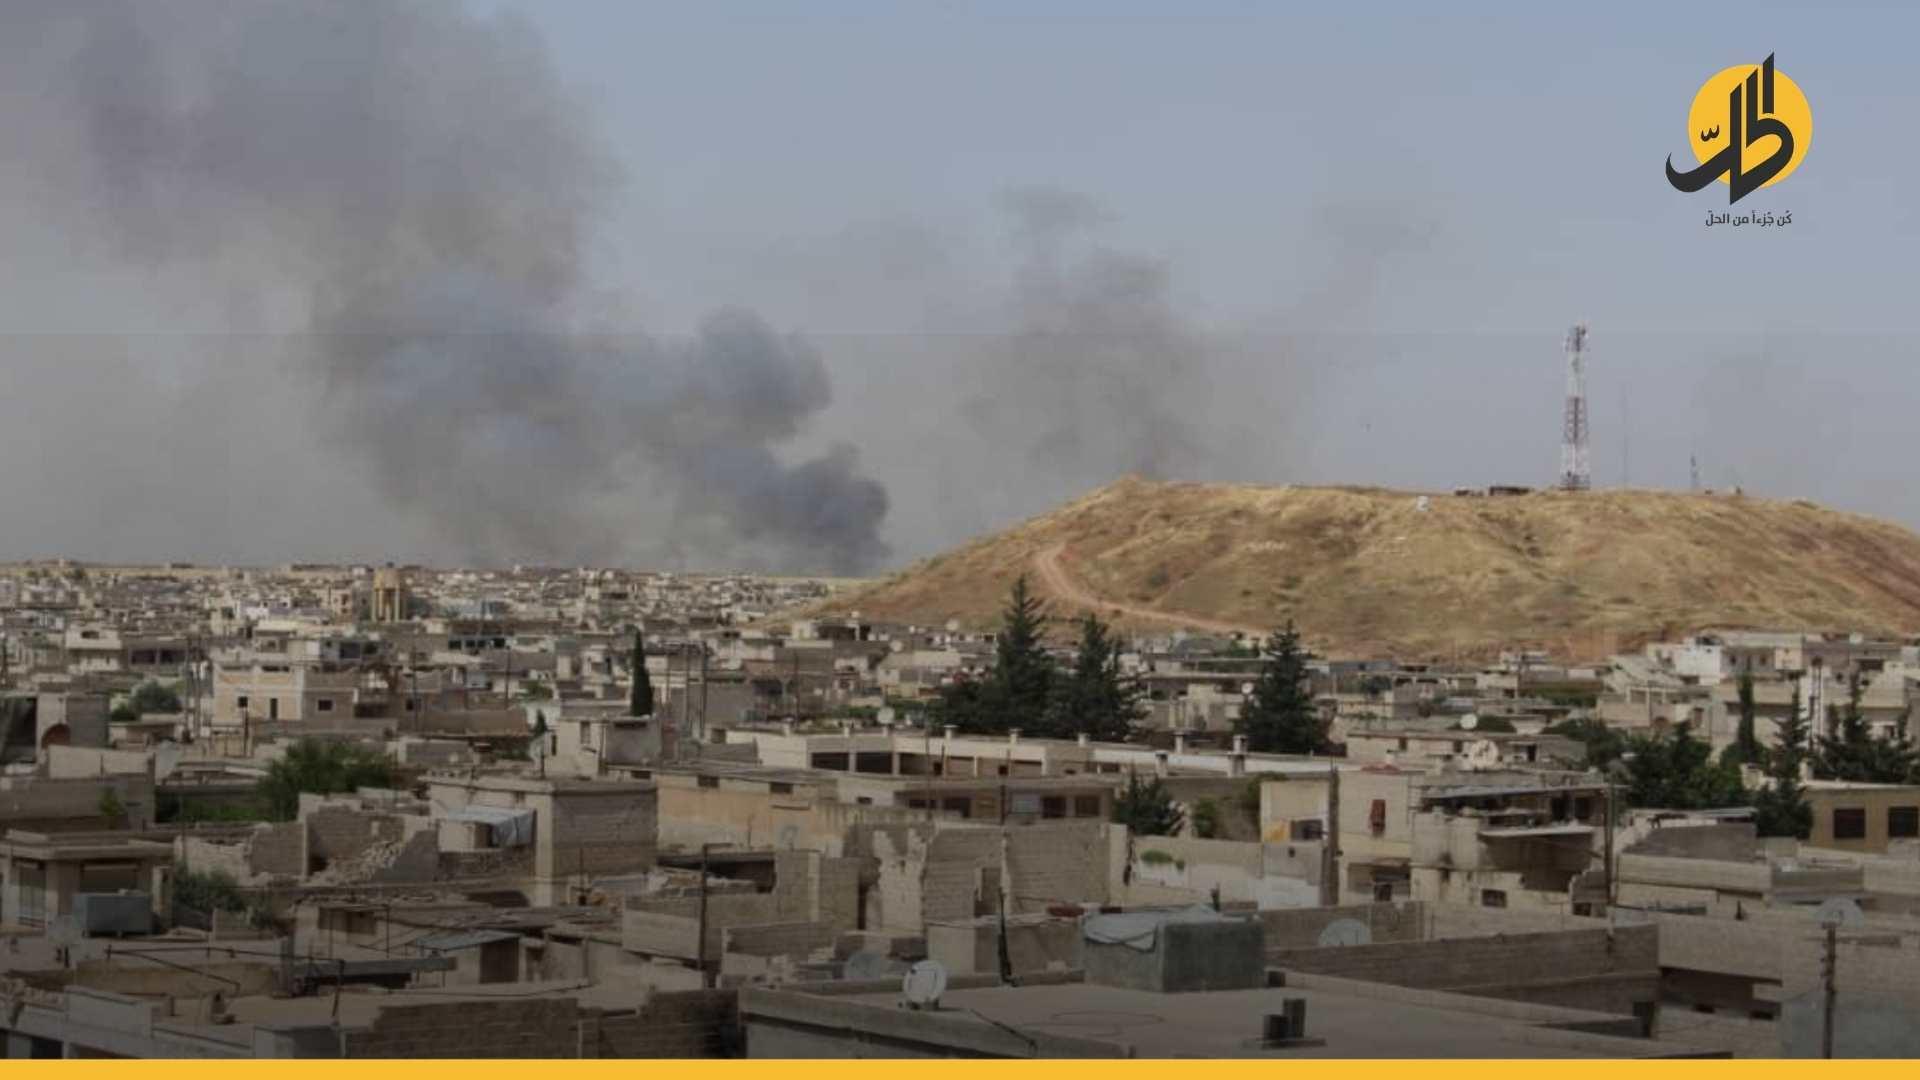 ضحايا بتصعيد عسكري للقوّات الحكوميّة باتجاه عفرين